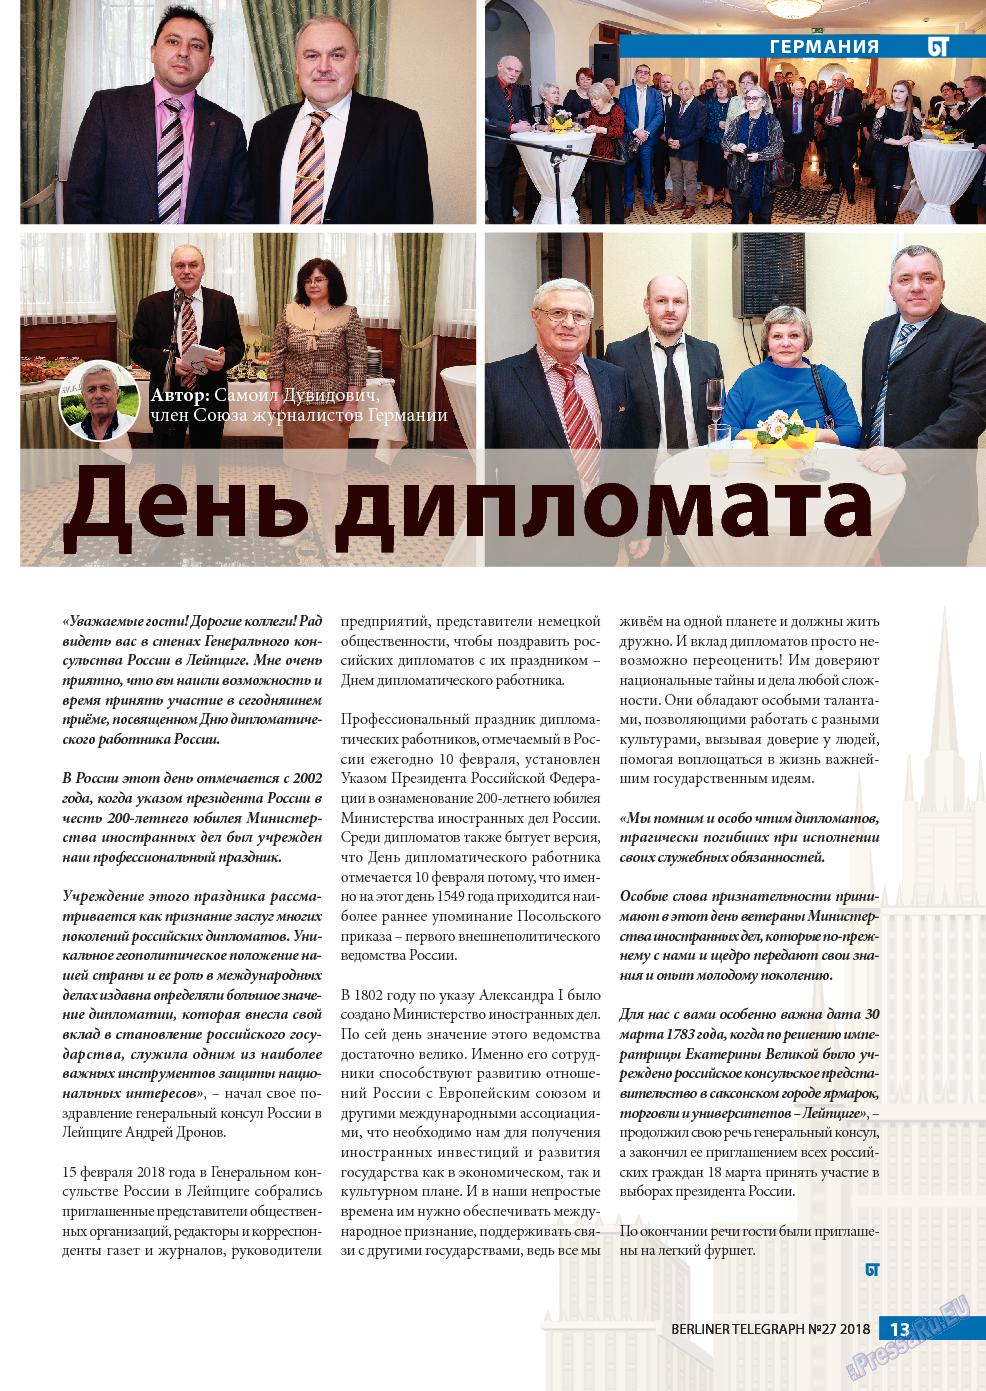 Берлинский телеграф (журнал). 2018 год, номер 27, стр. 13